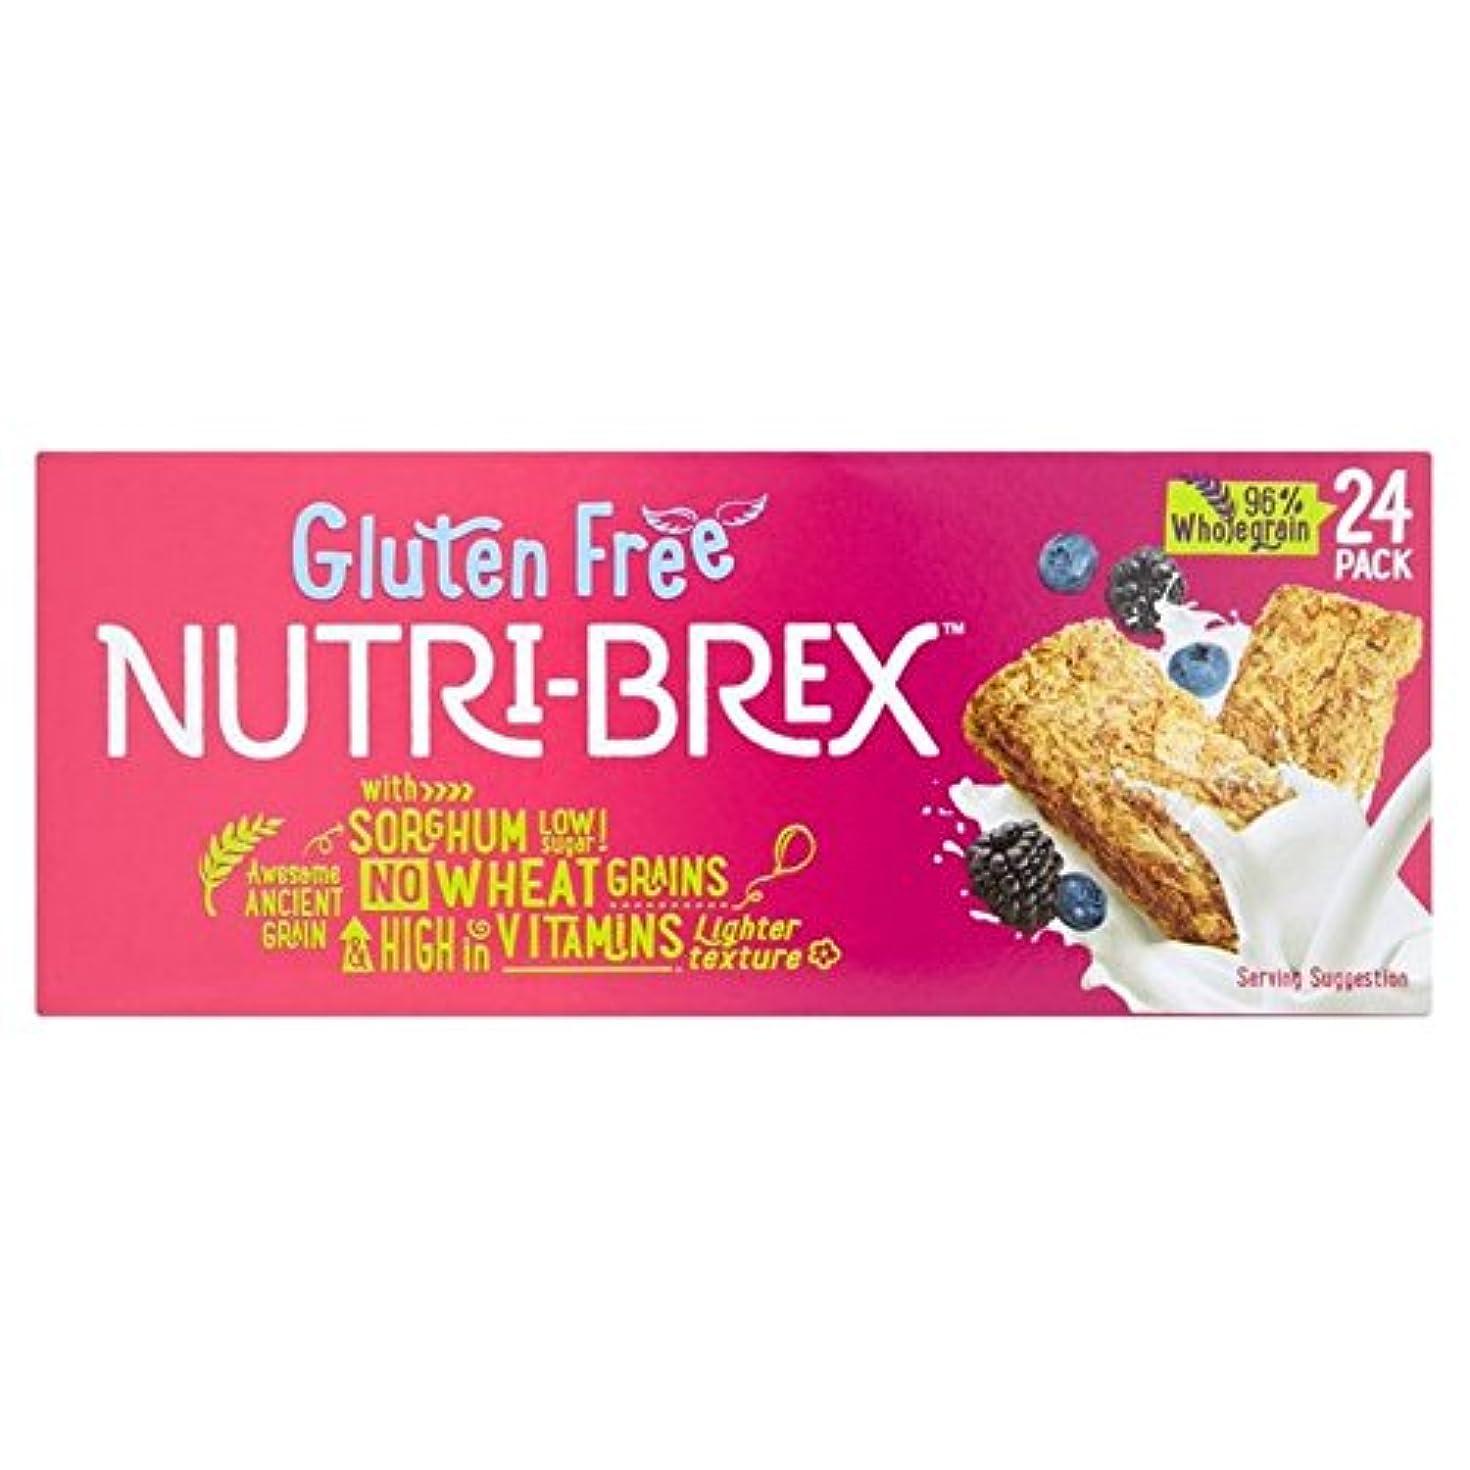 力巻き戻すタンザニア(Weetabix) Nutribrexグルテンフリーの穀物375グラム (x6) - Nutribrex Gluten Free Cereal 375g (Pack of 6) [並行輸入品]